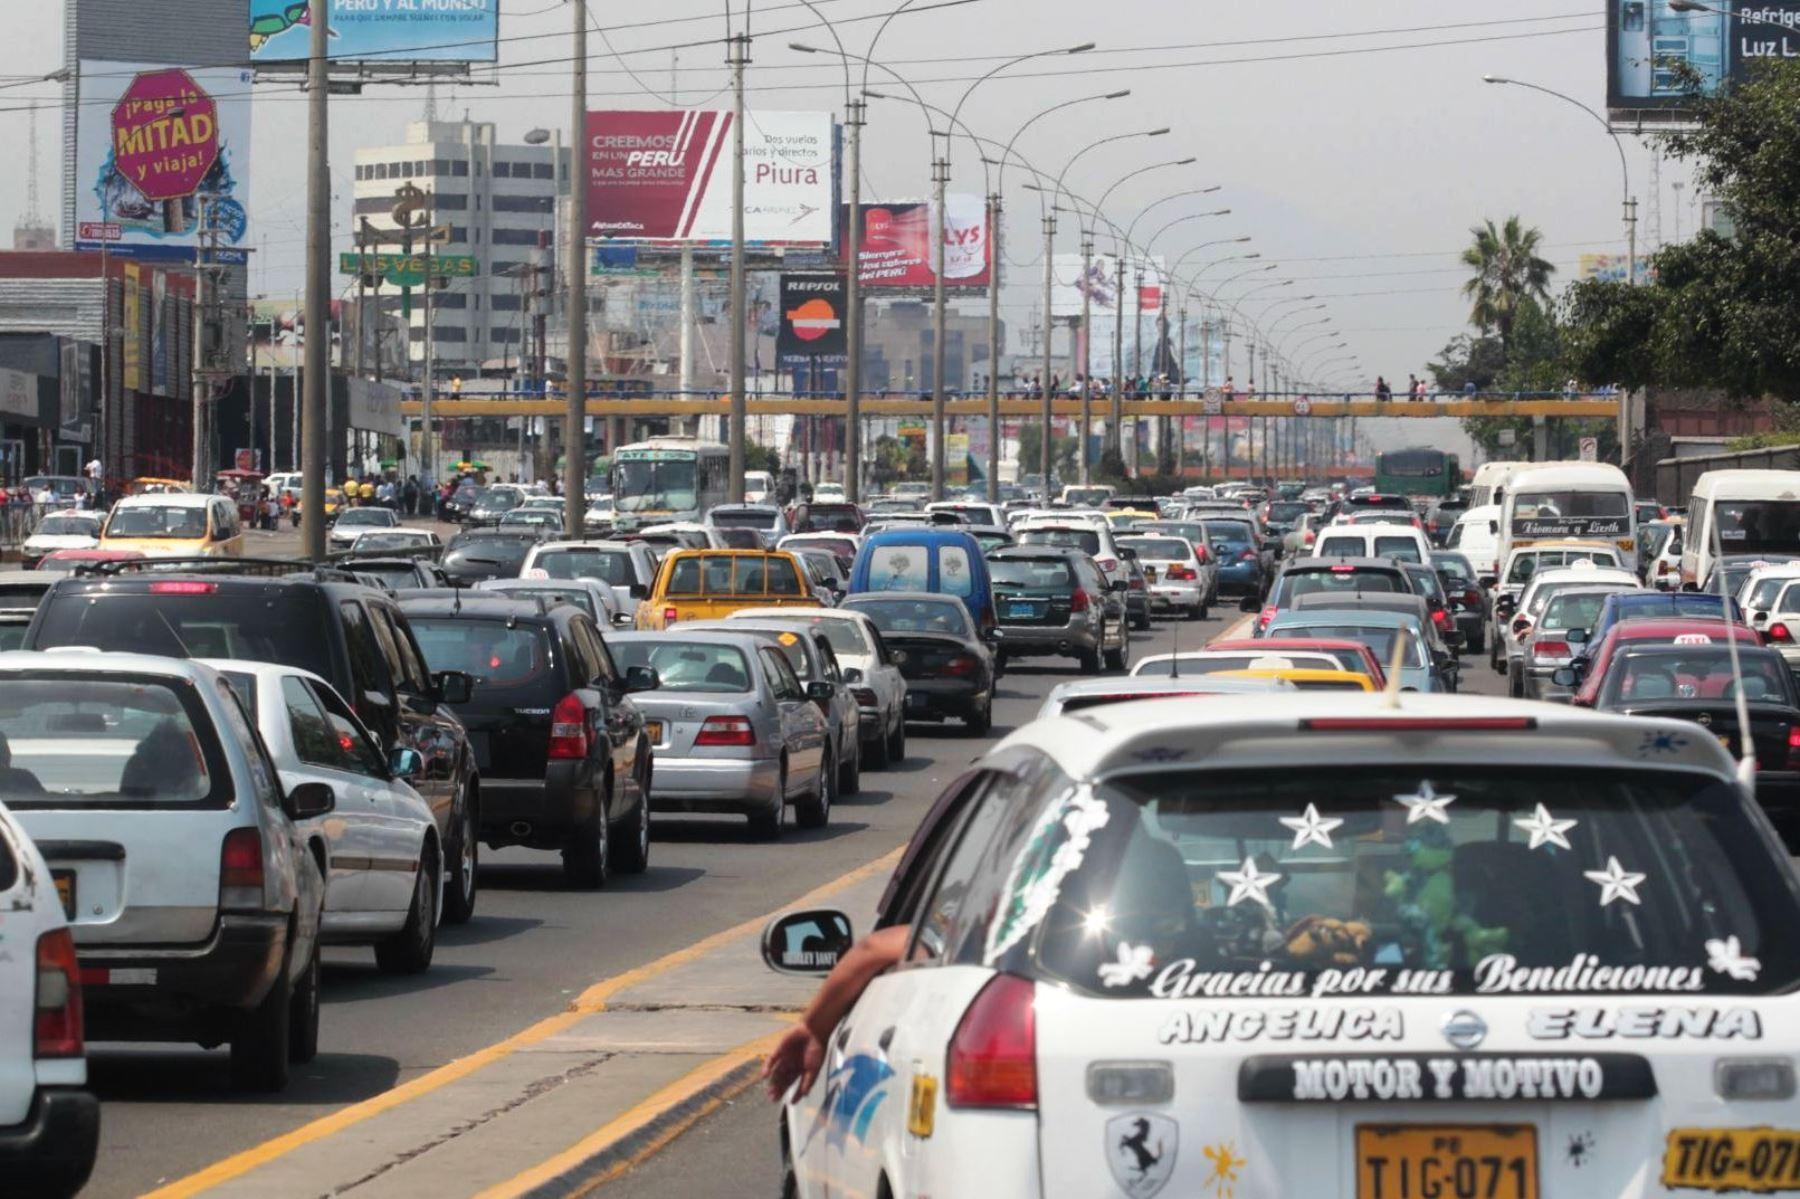 'Pico y placa' fue implementada en 1998 en Colombia. Posteriormente fue replicada en otras ciudades del mencionado país así como también en Ecuador y Venezuela. (Foto: Andina)